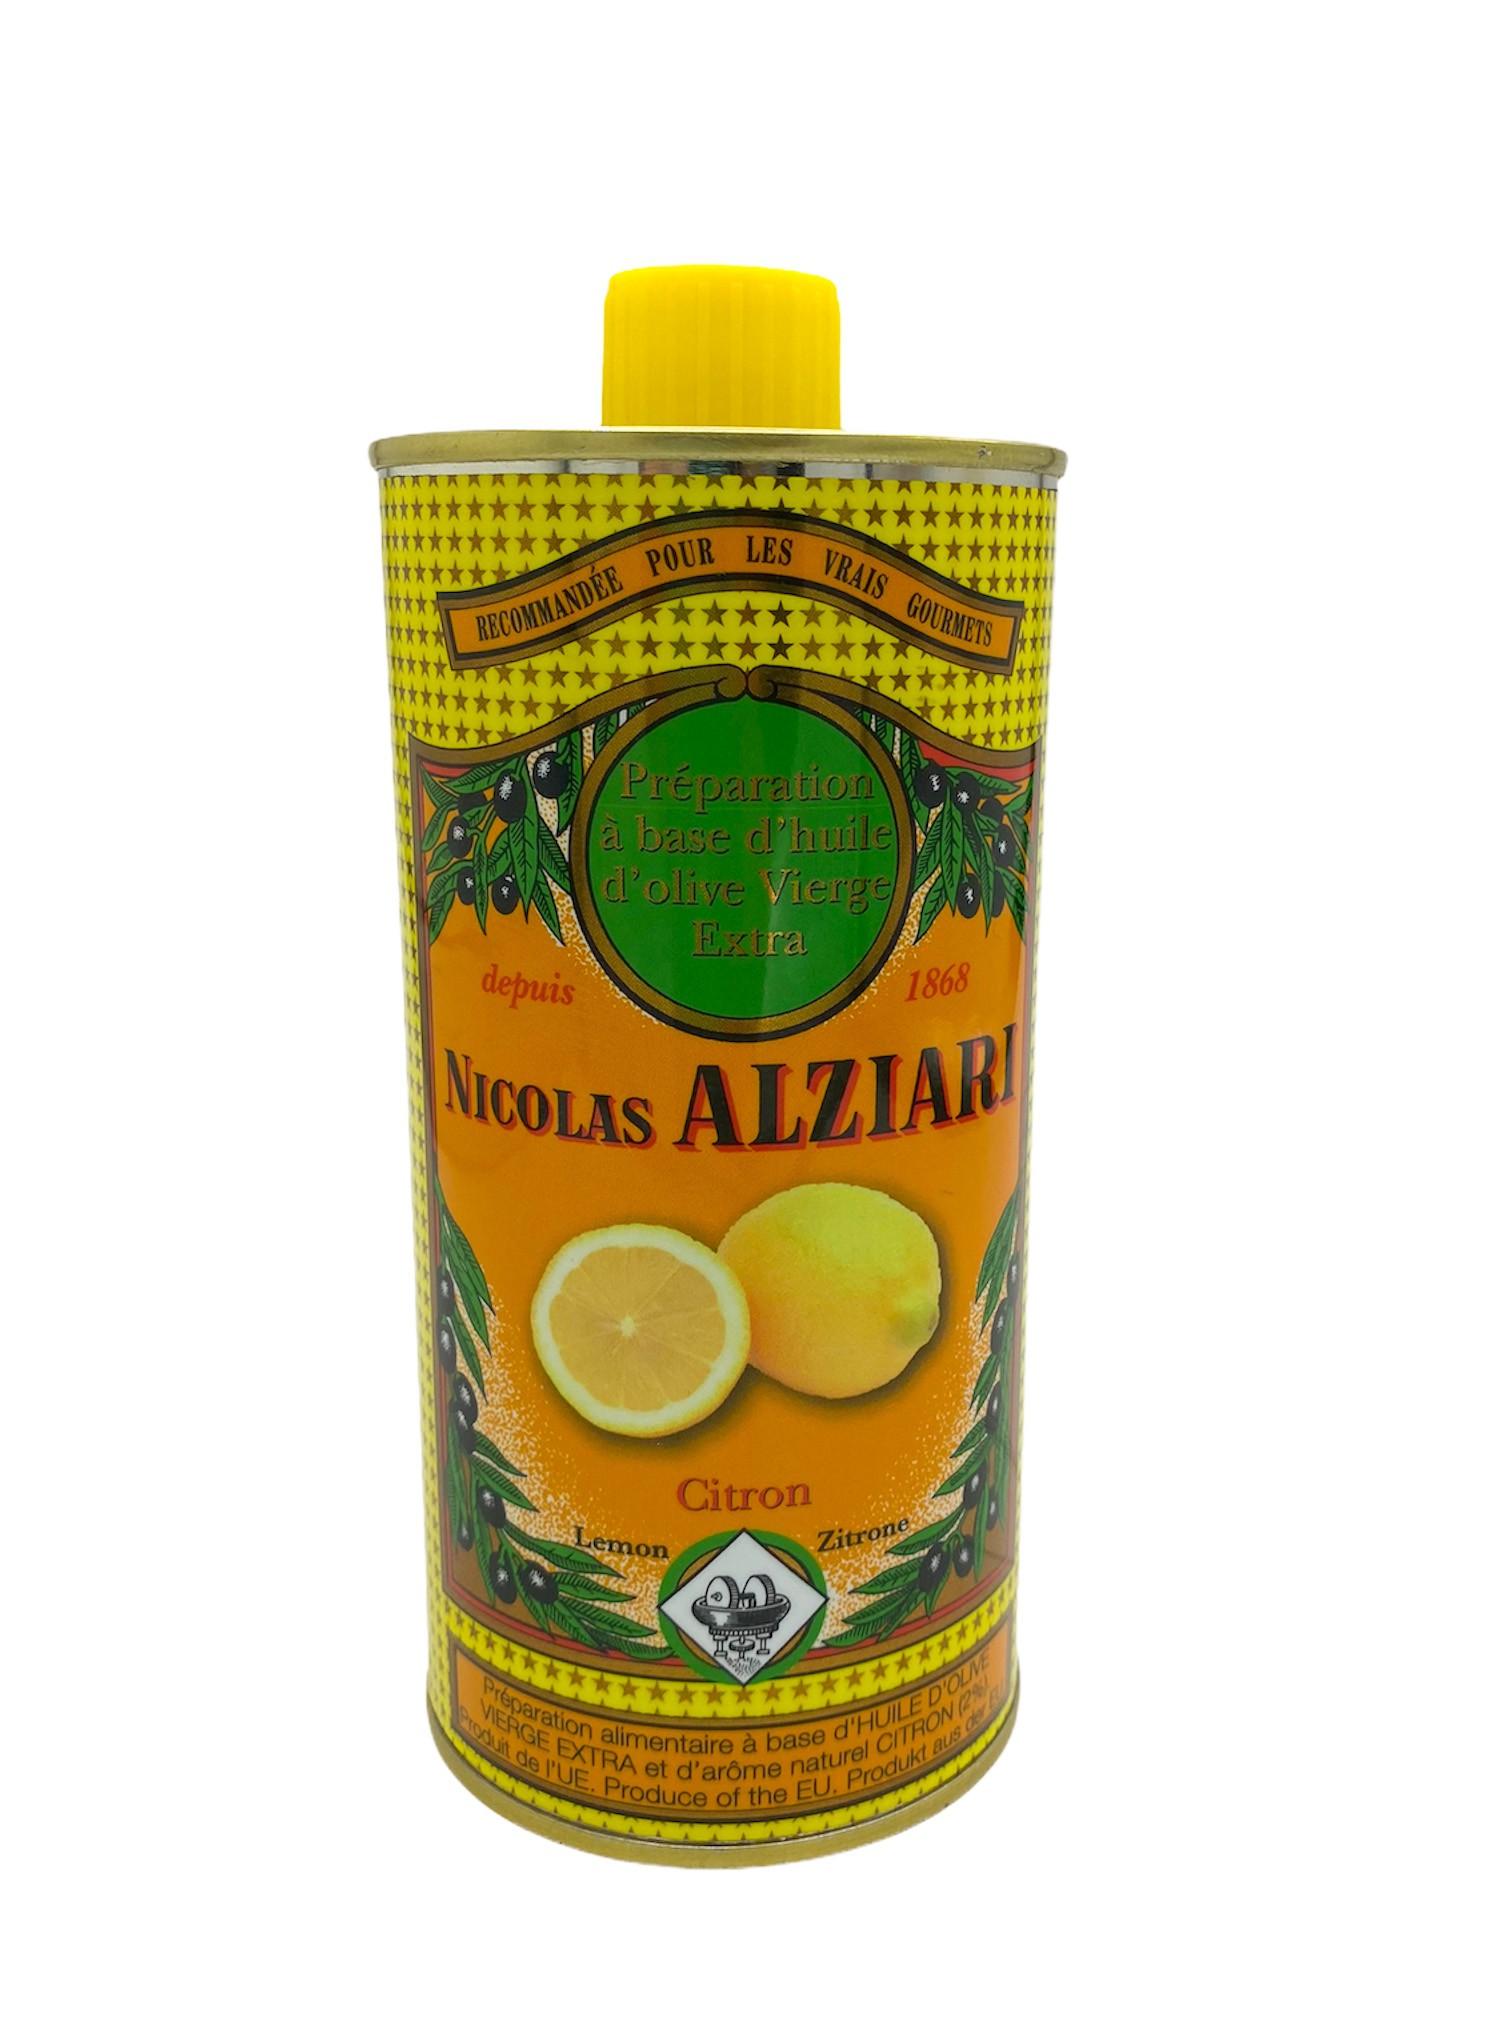 CITRON - Préparation culinaire à base d'huile d'olive et d'arôme naturel CITRON 500 ML